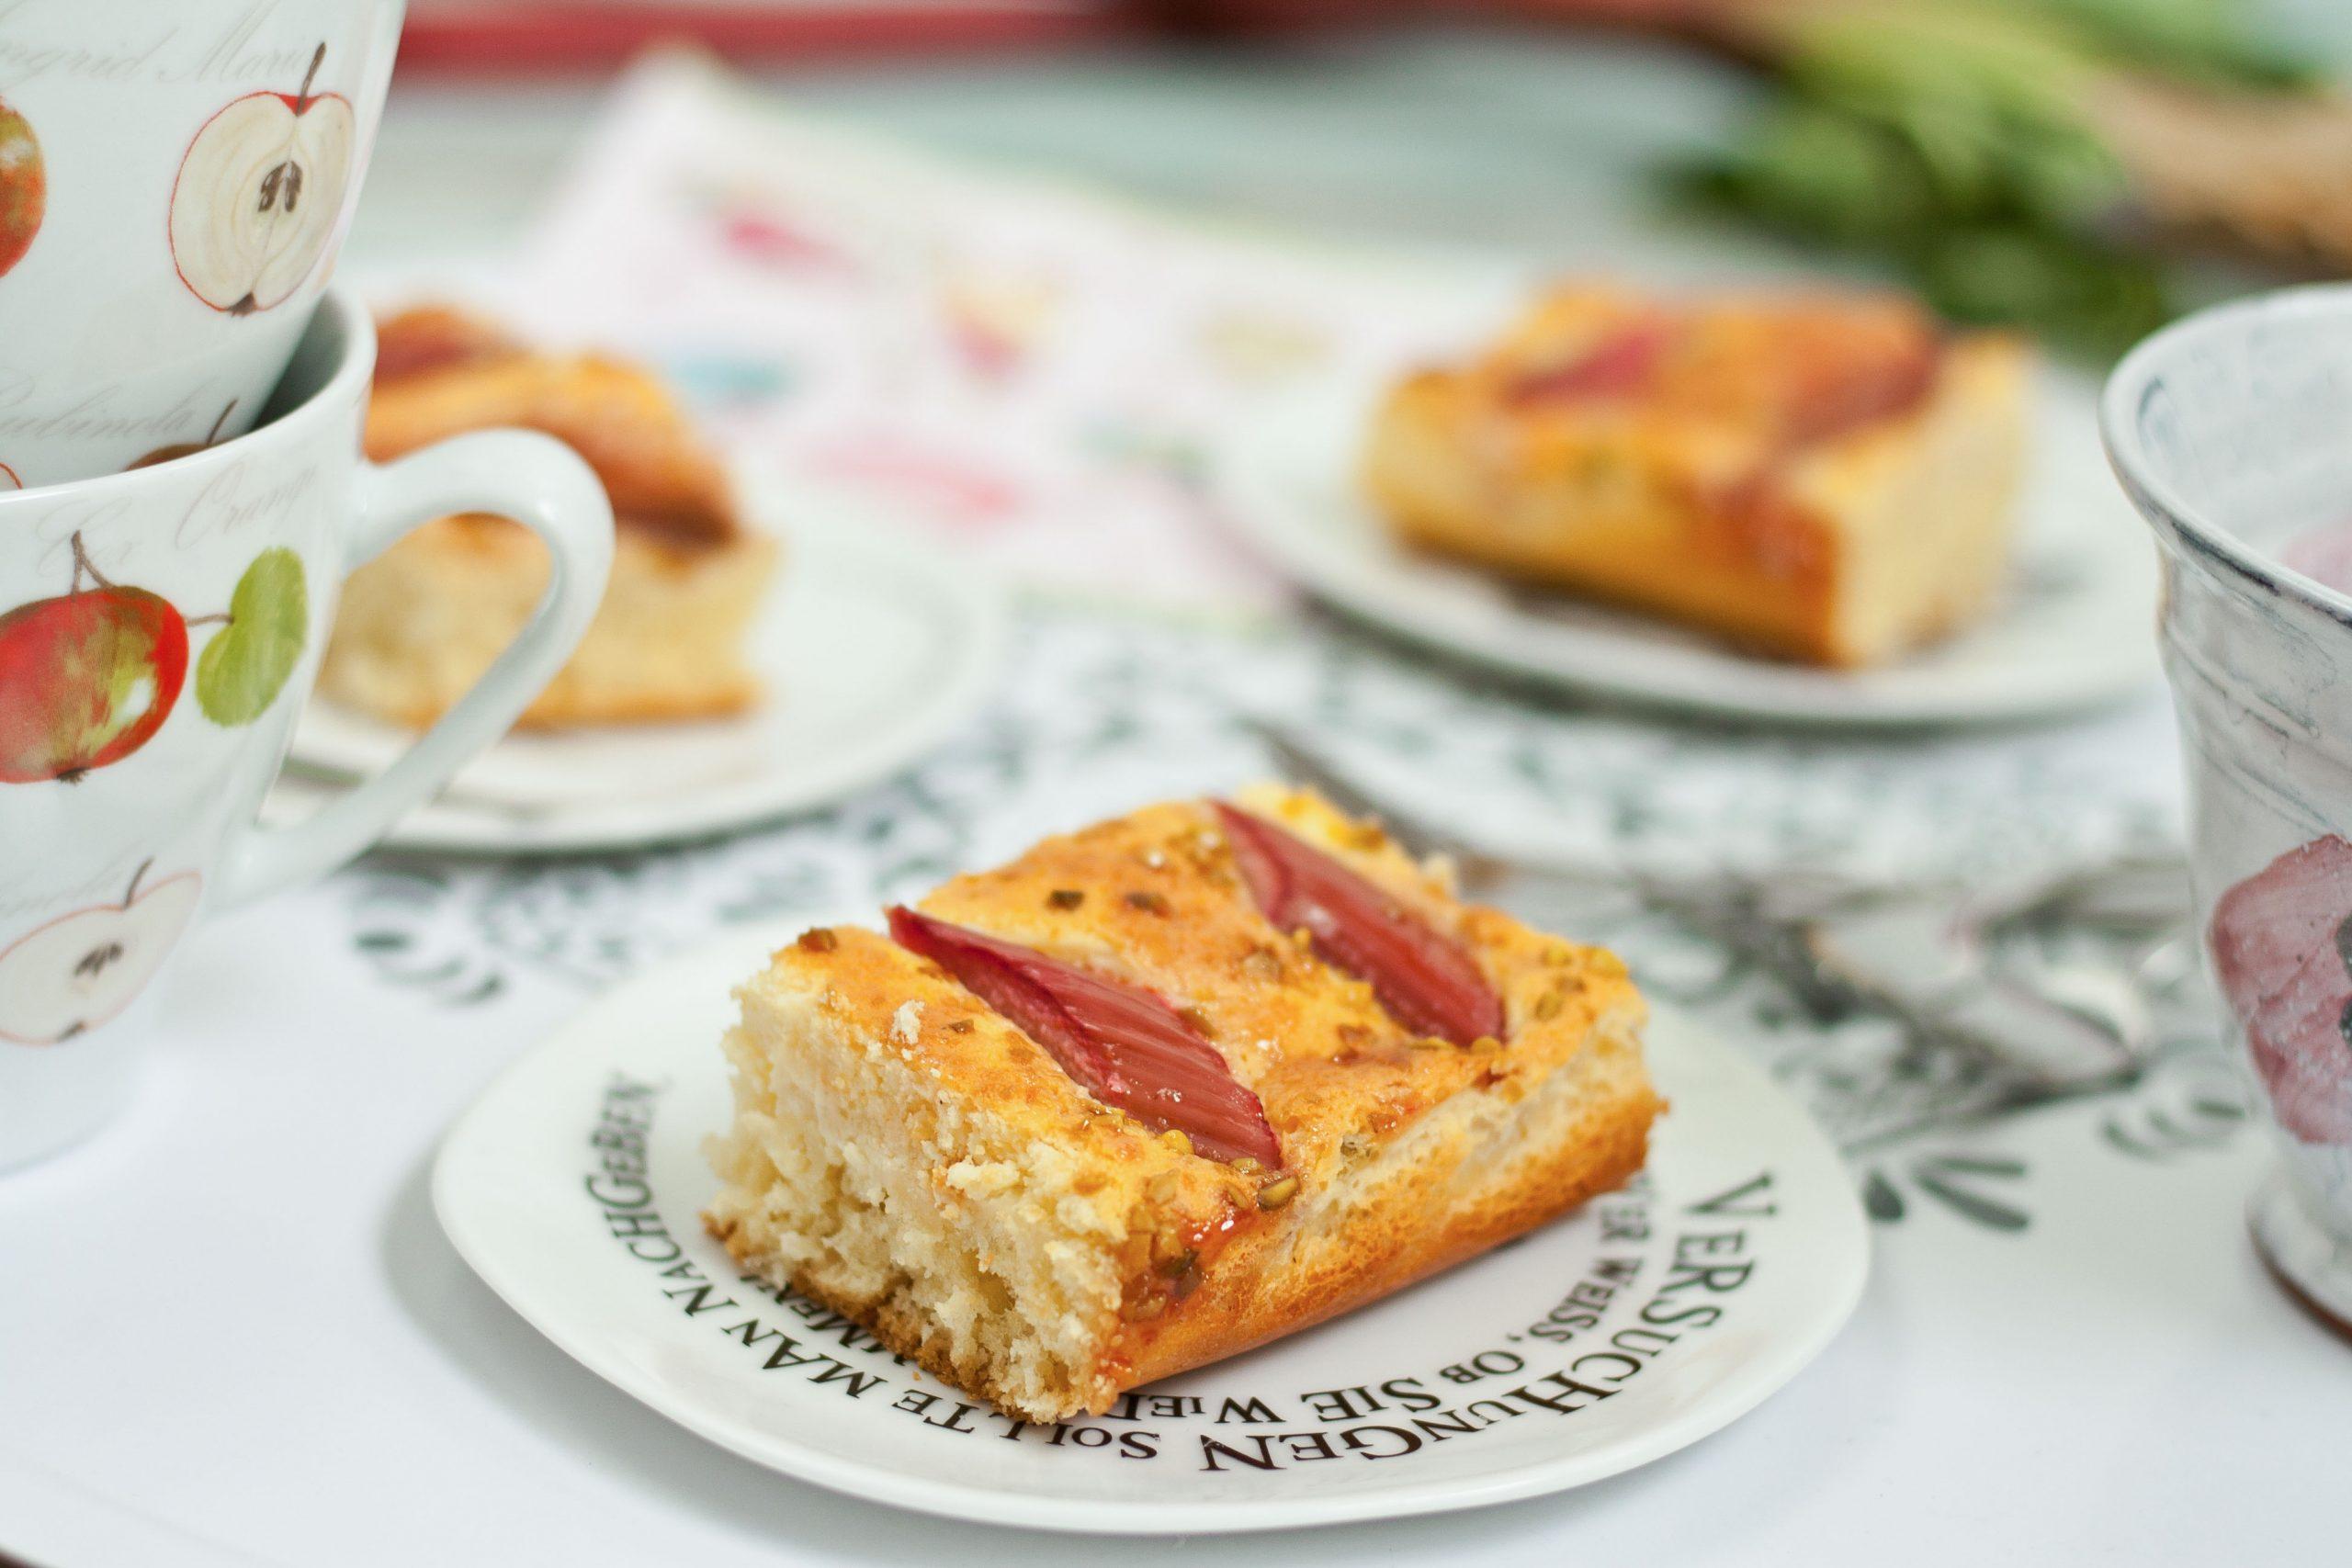 Rhabarber Blechkuchen // Rhubarb Sheet Cake By http://babyrockmyday.com/rhabarber-blechkuchen/